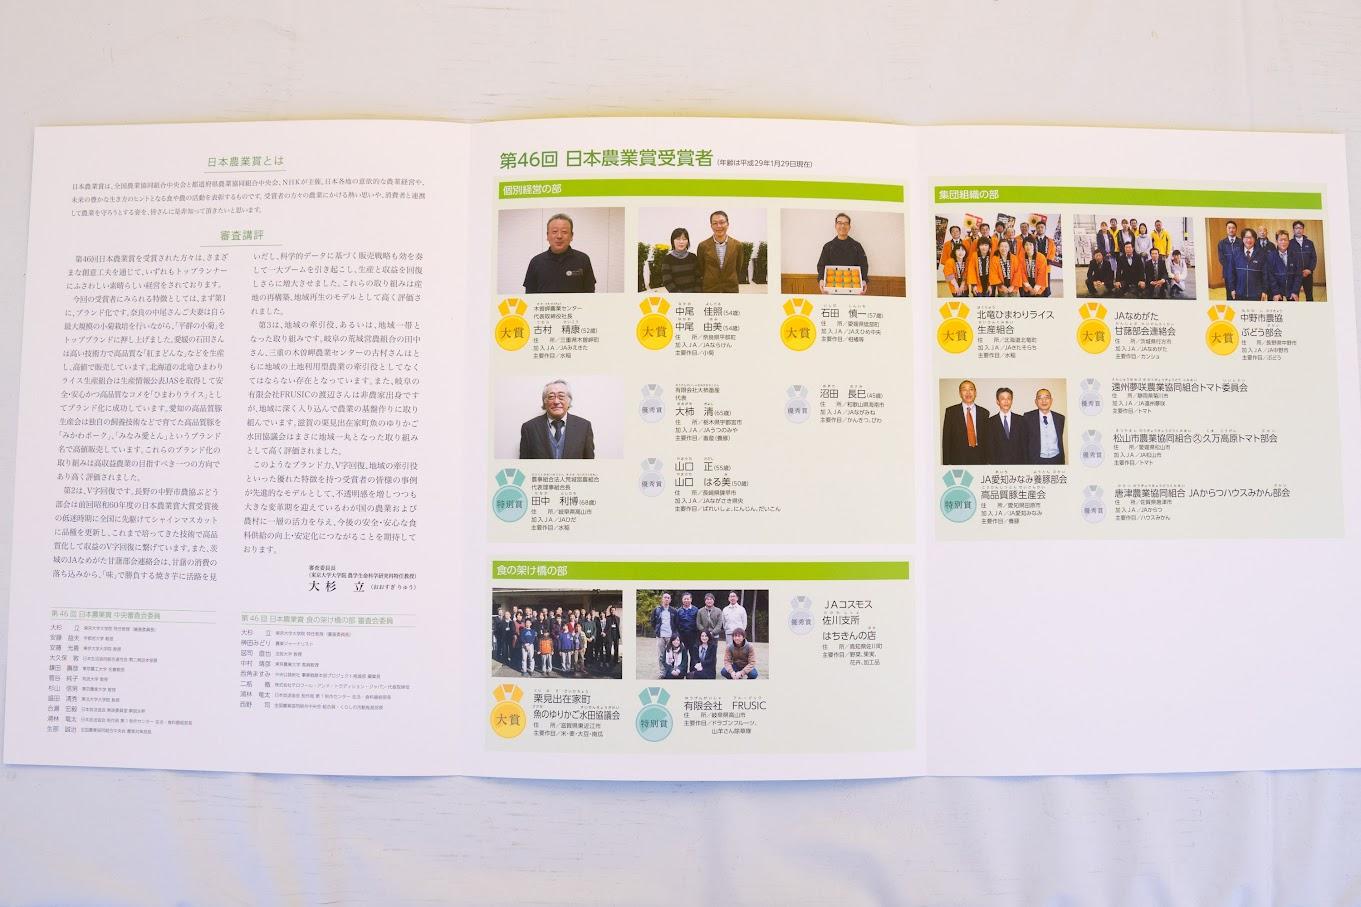 第46回日本農業賞パンフレット(裏面)